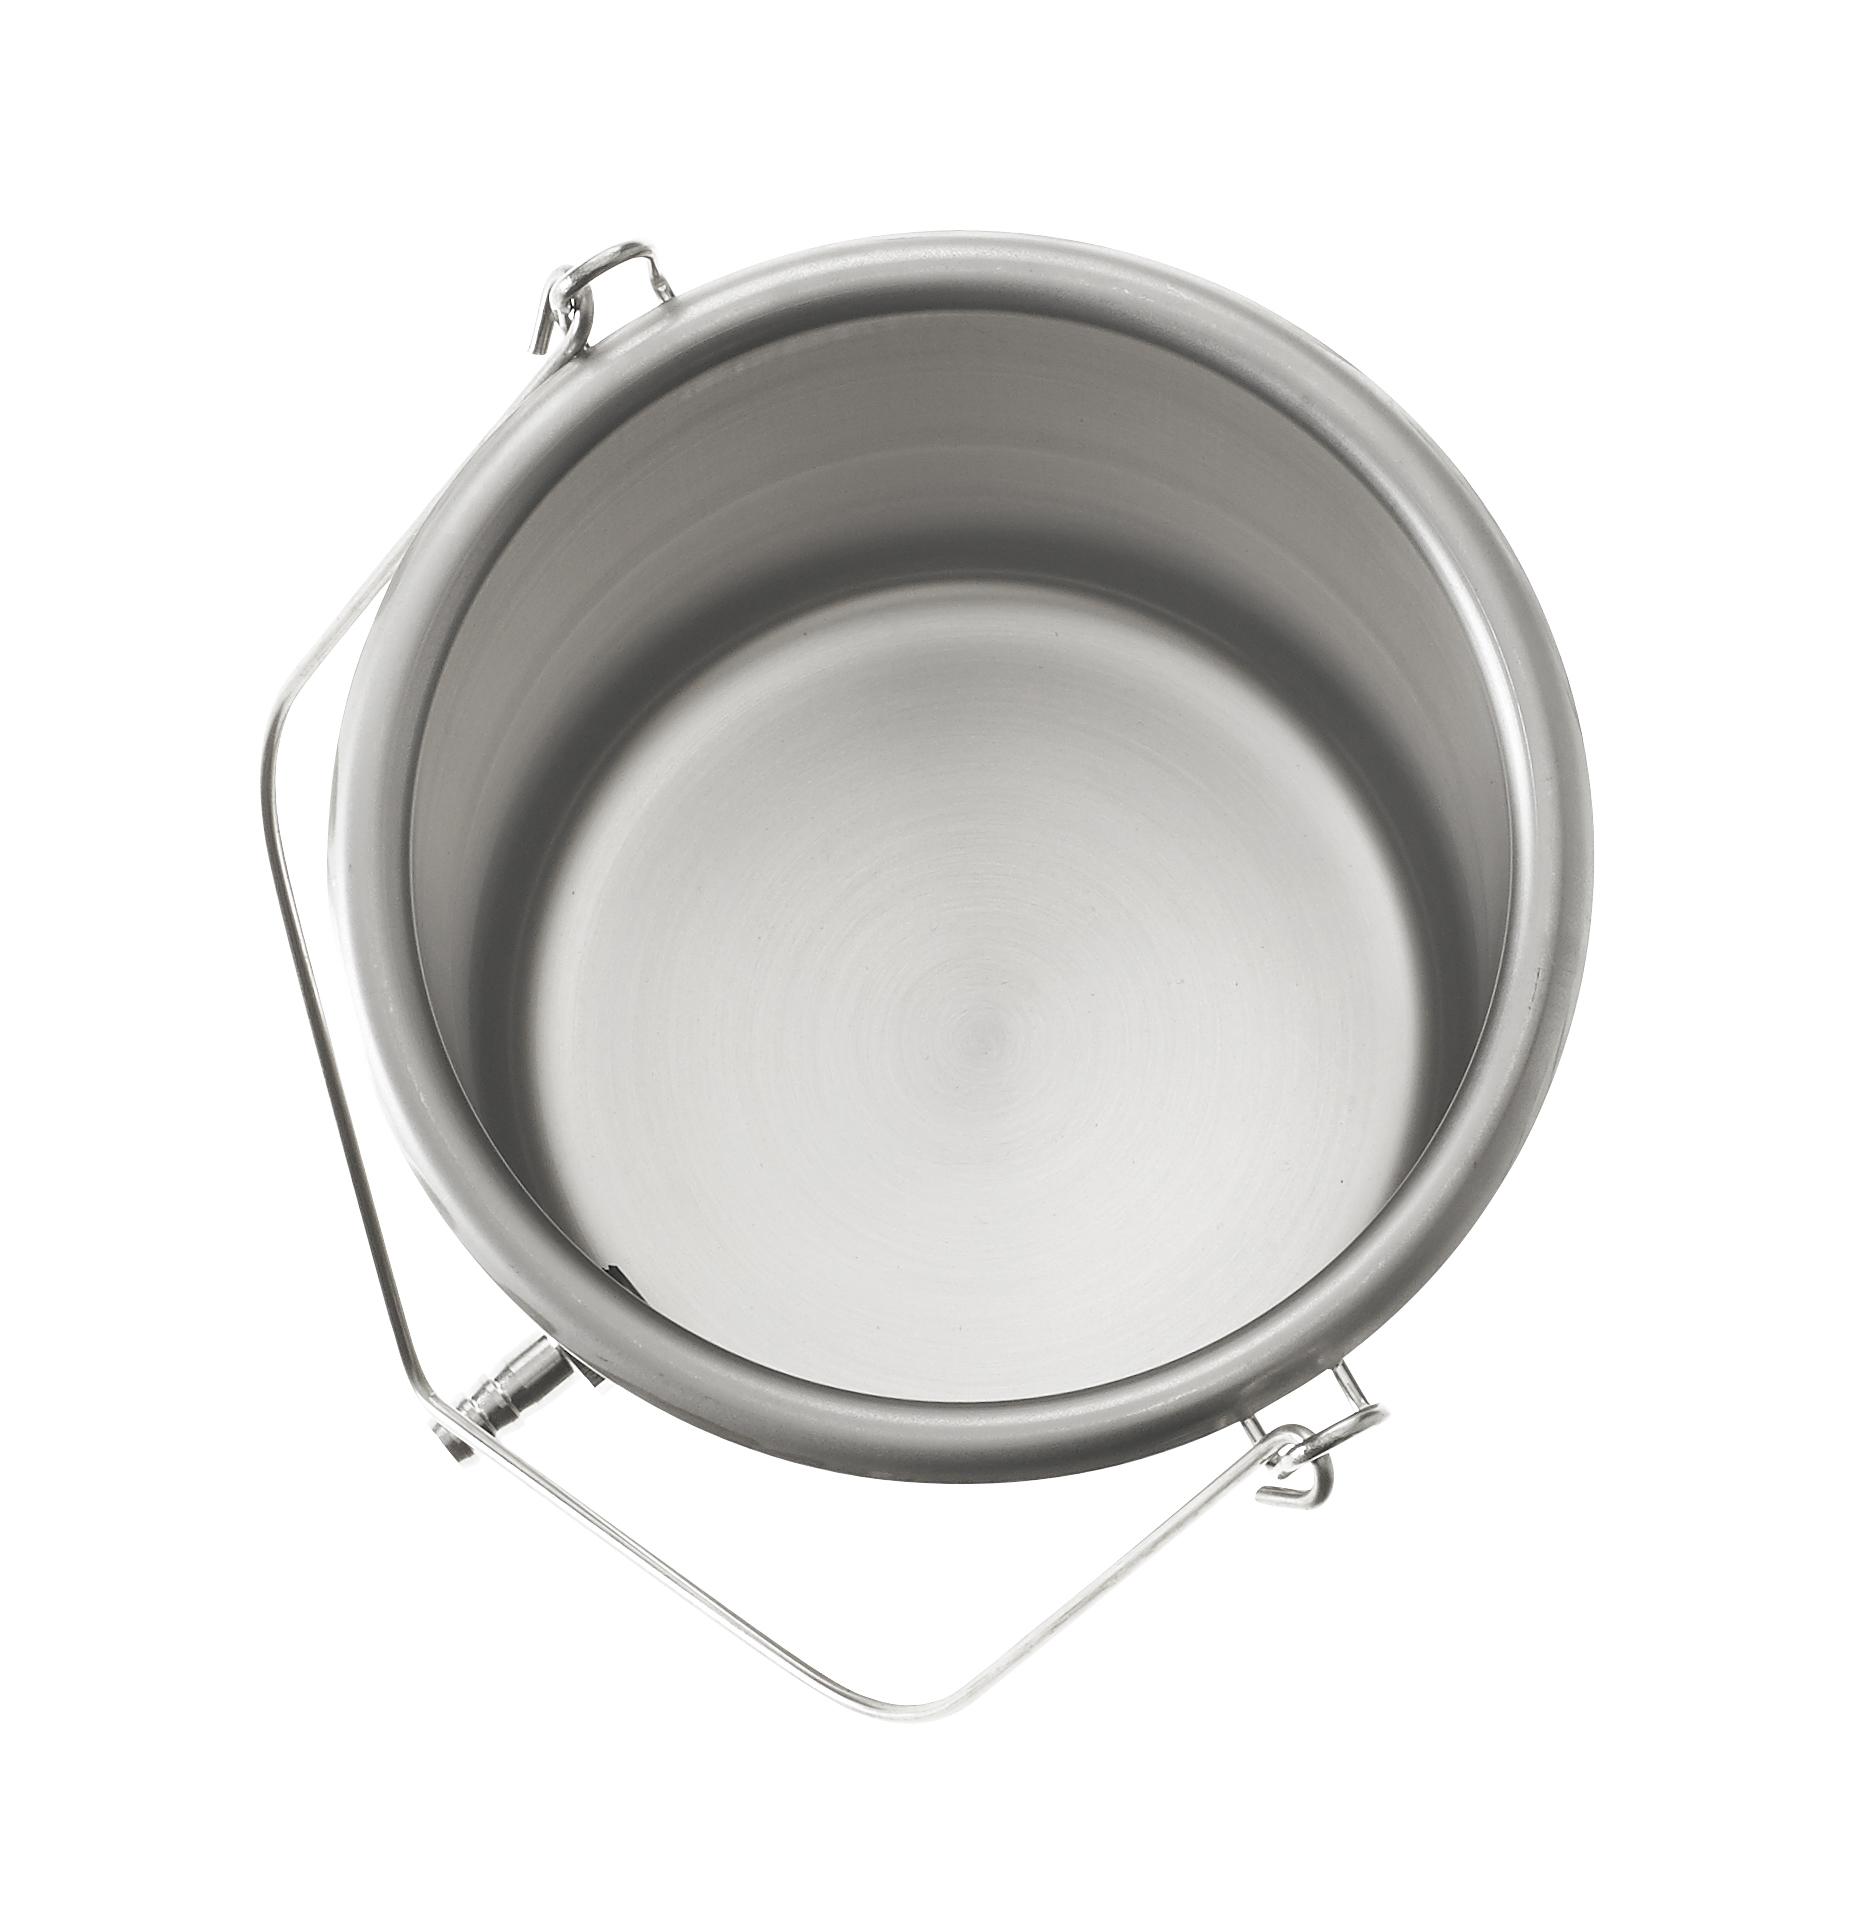 bucket-2-qt-interior-usa.jpg